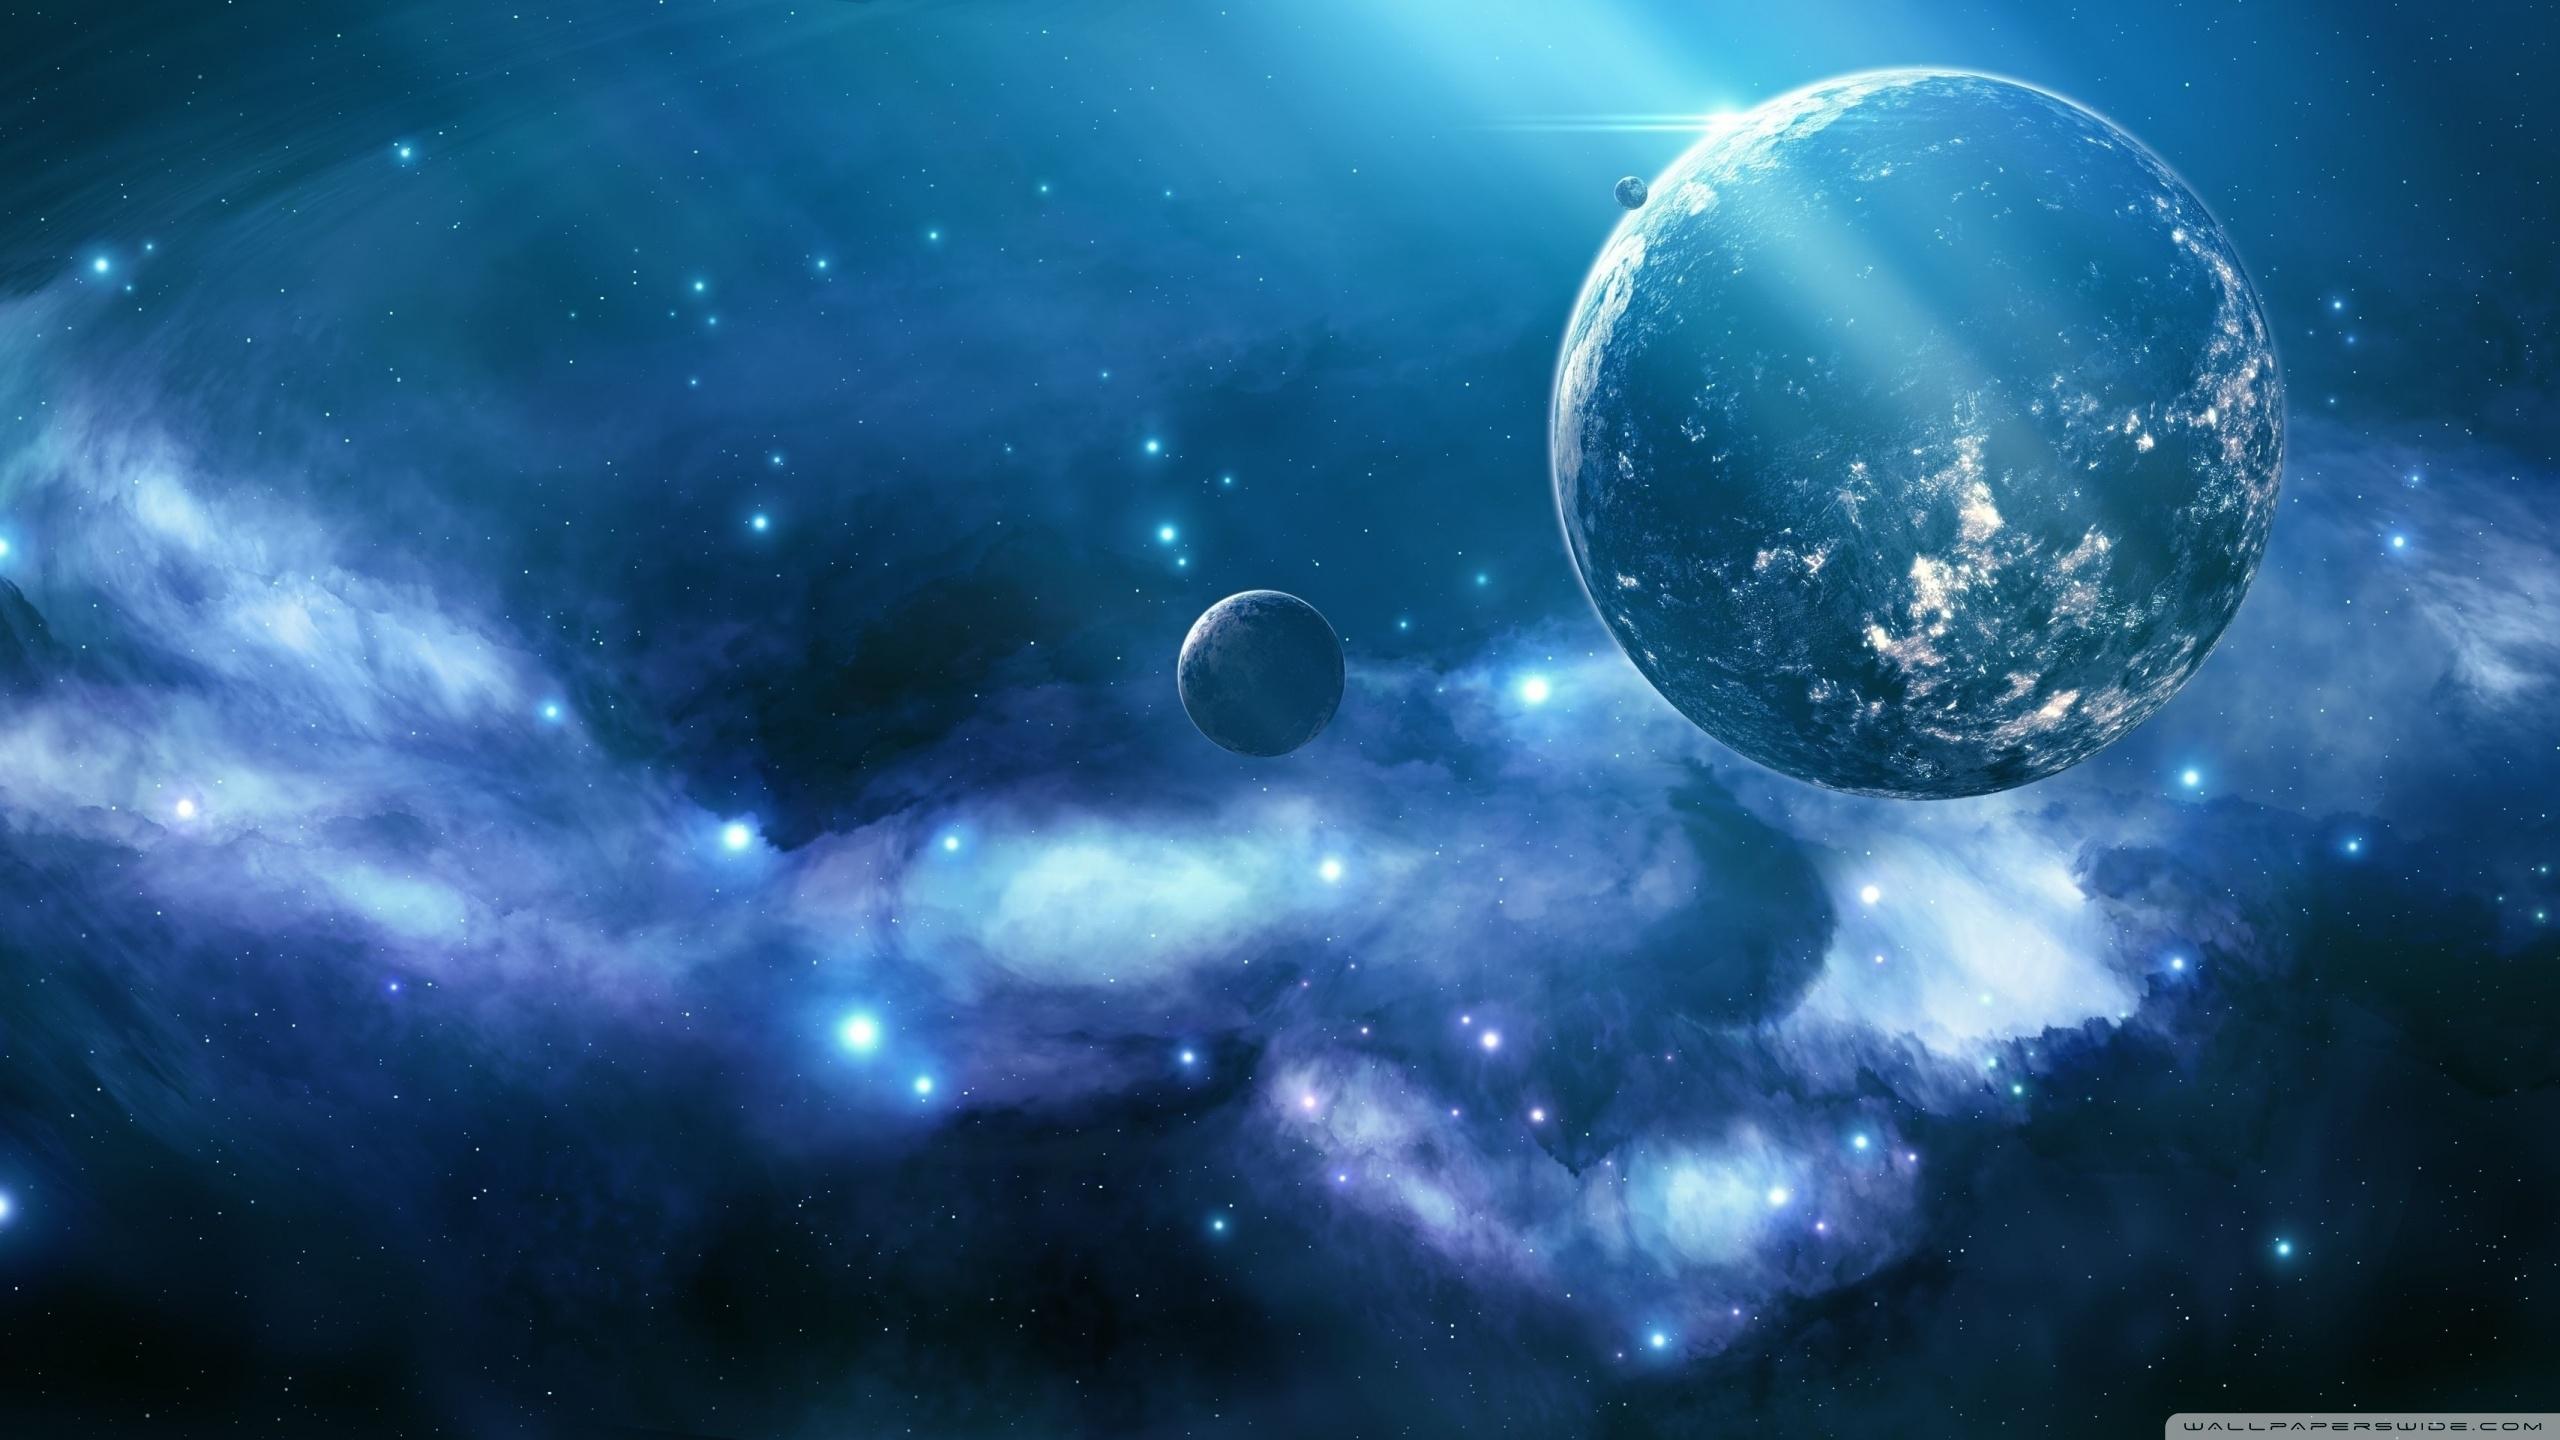 blue nebula ❤ 4k hd desktop wallpaper for 4k ultra hd tv • dual